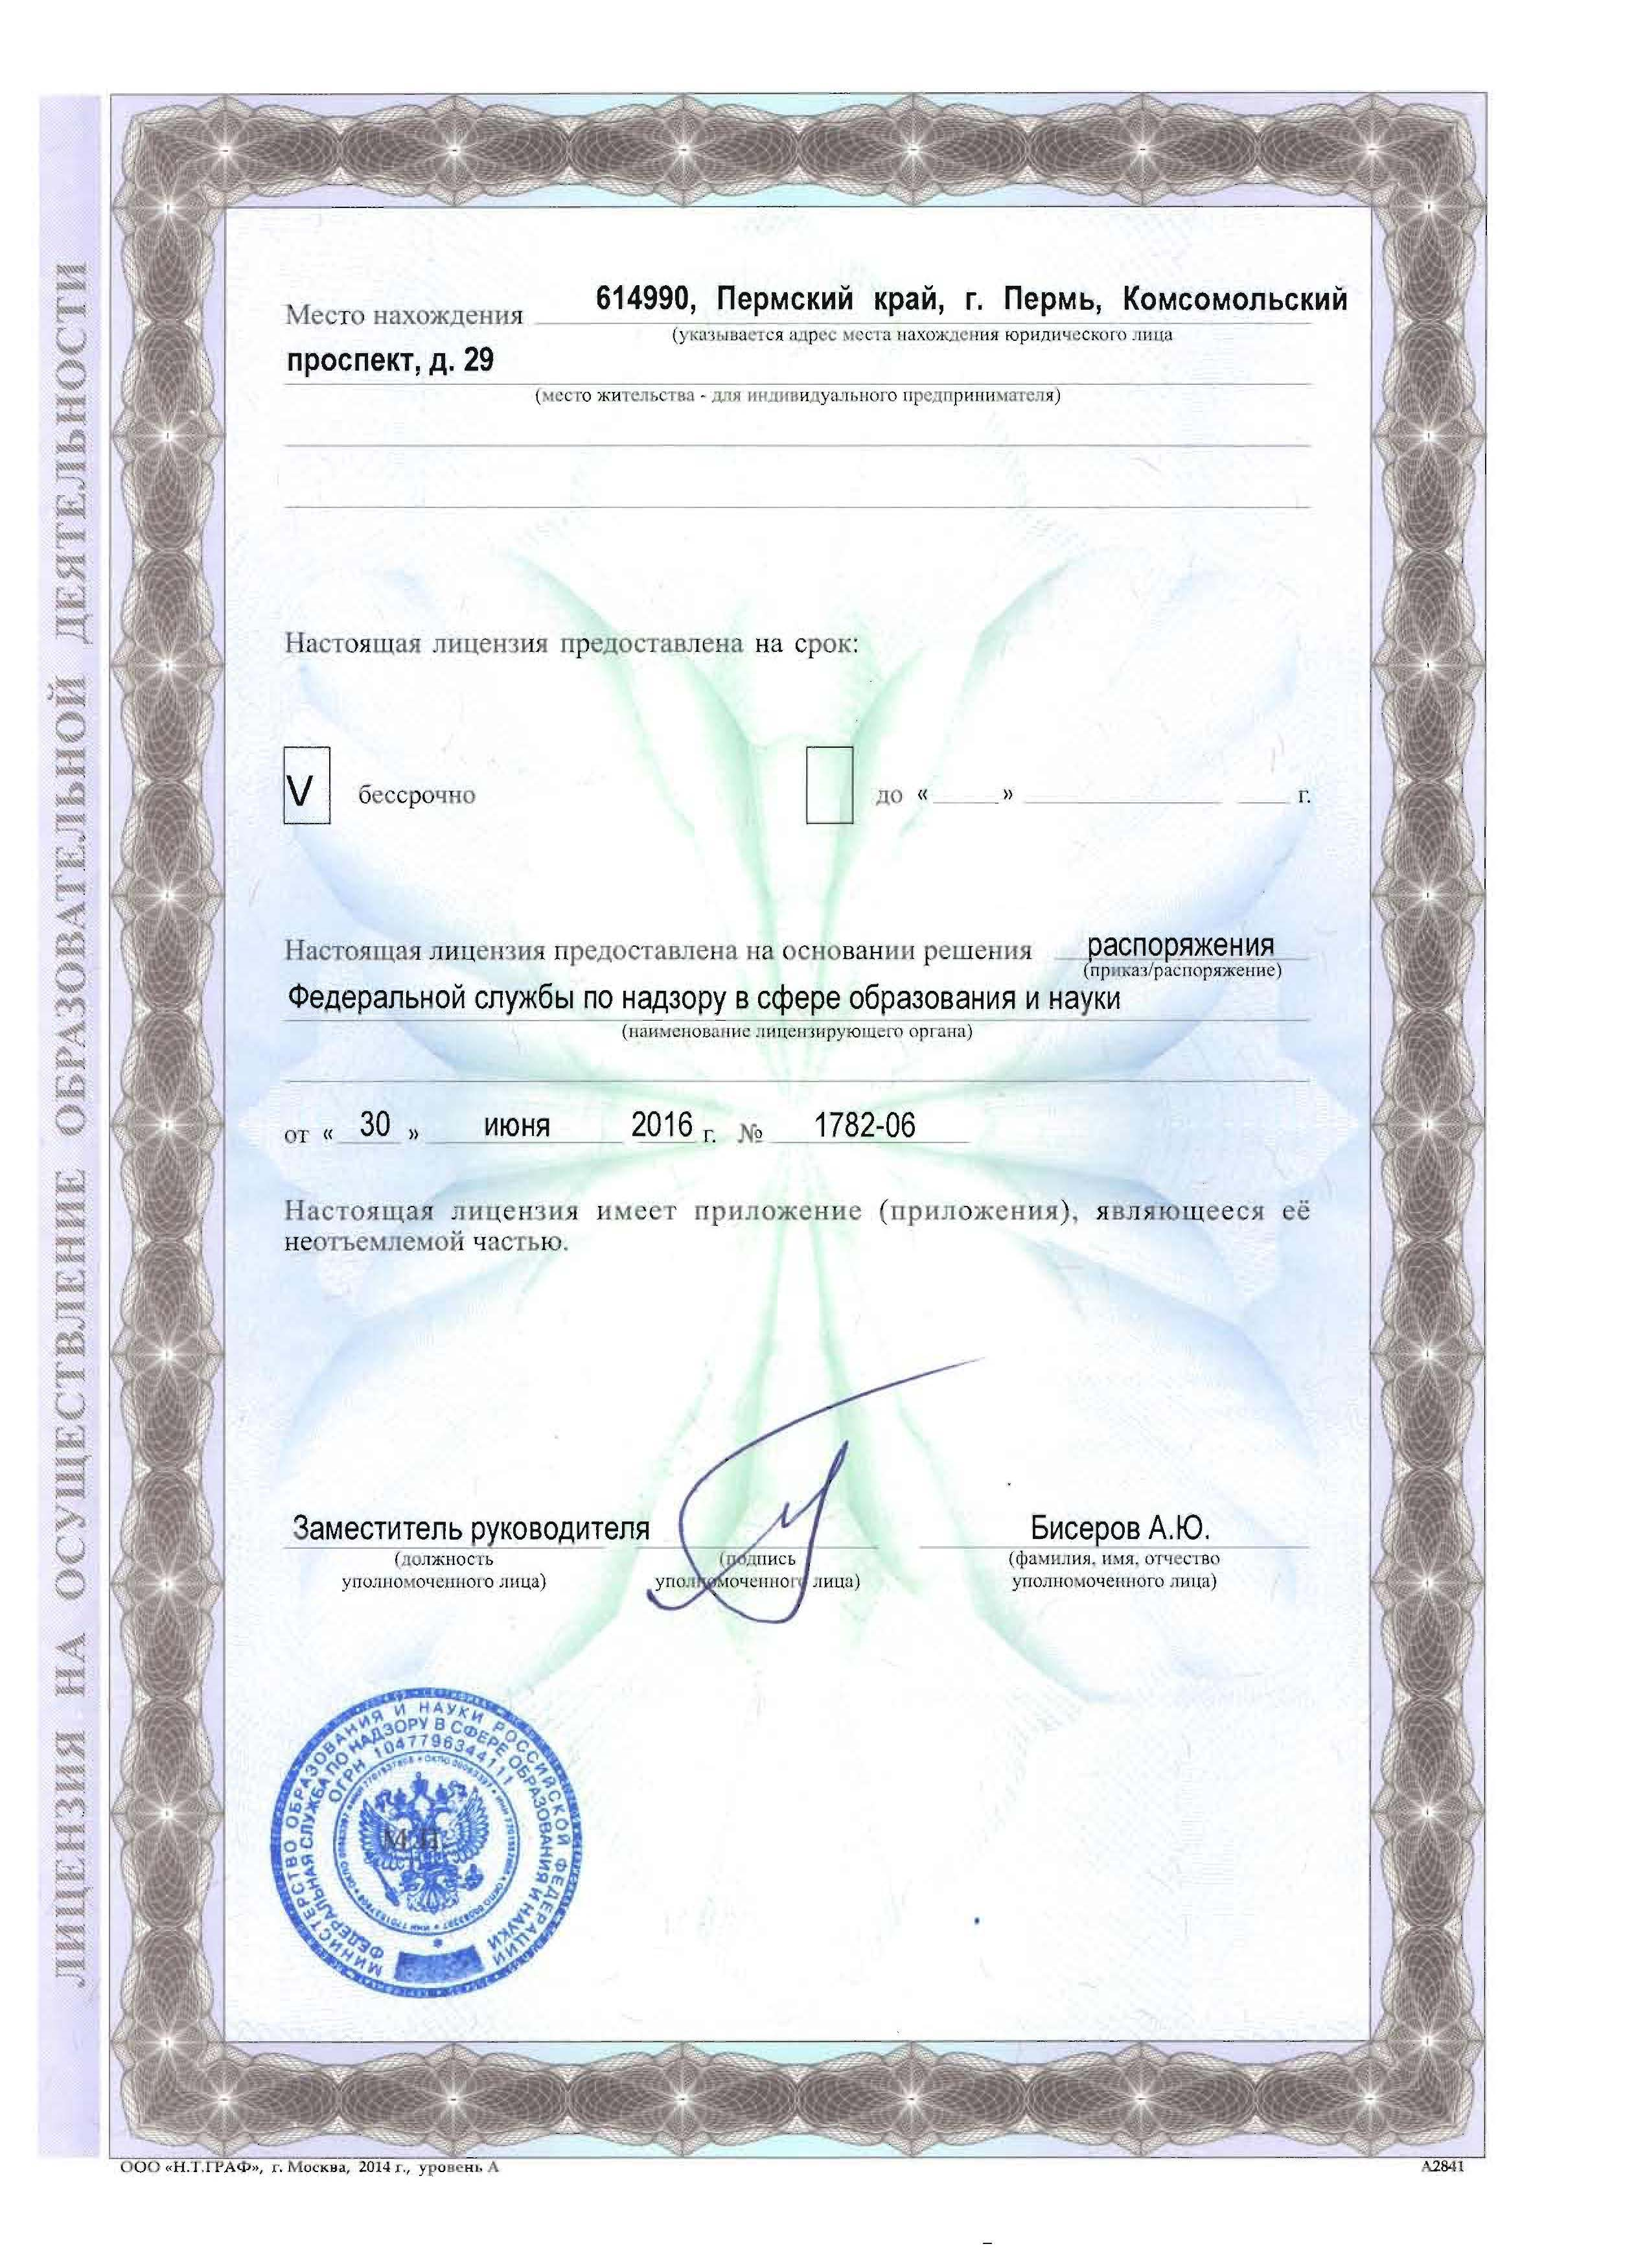 лицензия на право ведения образовательной деятельности